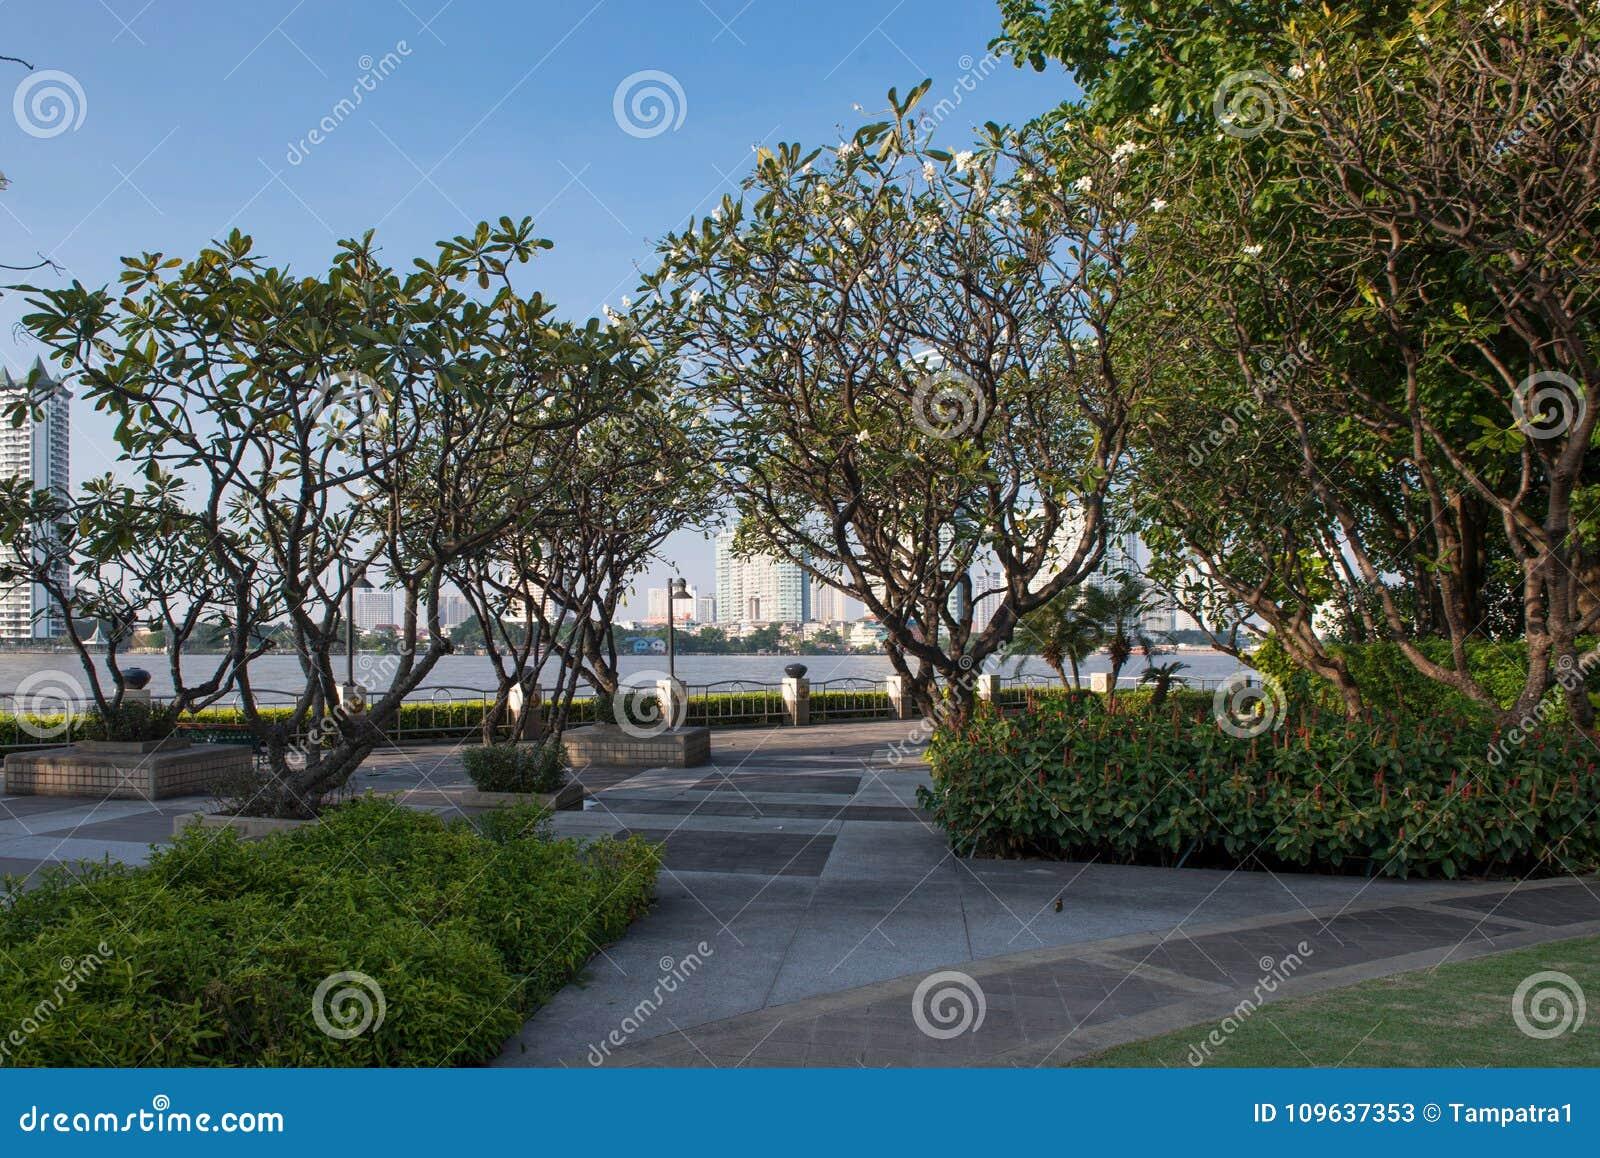 Allgemeiner Park mit üppigen Bäumen und blauem Himmel